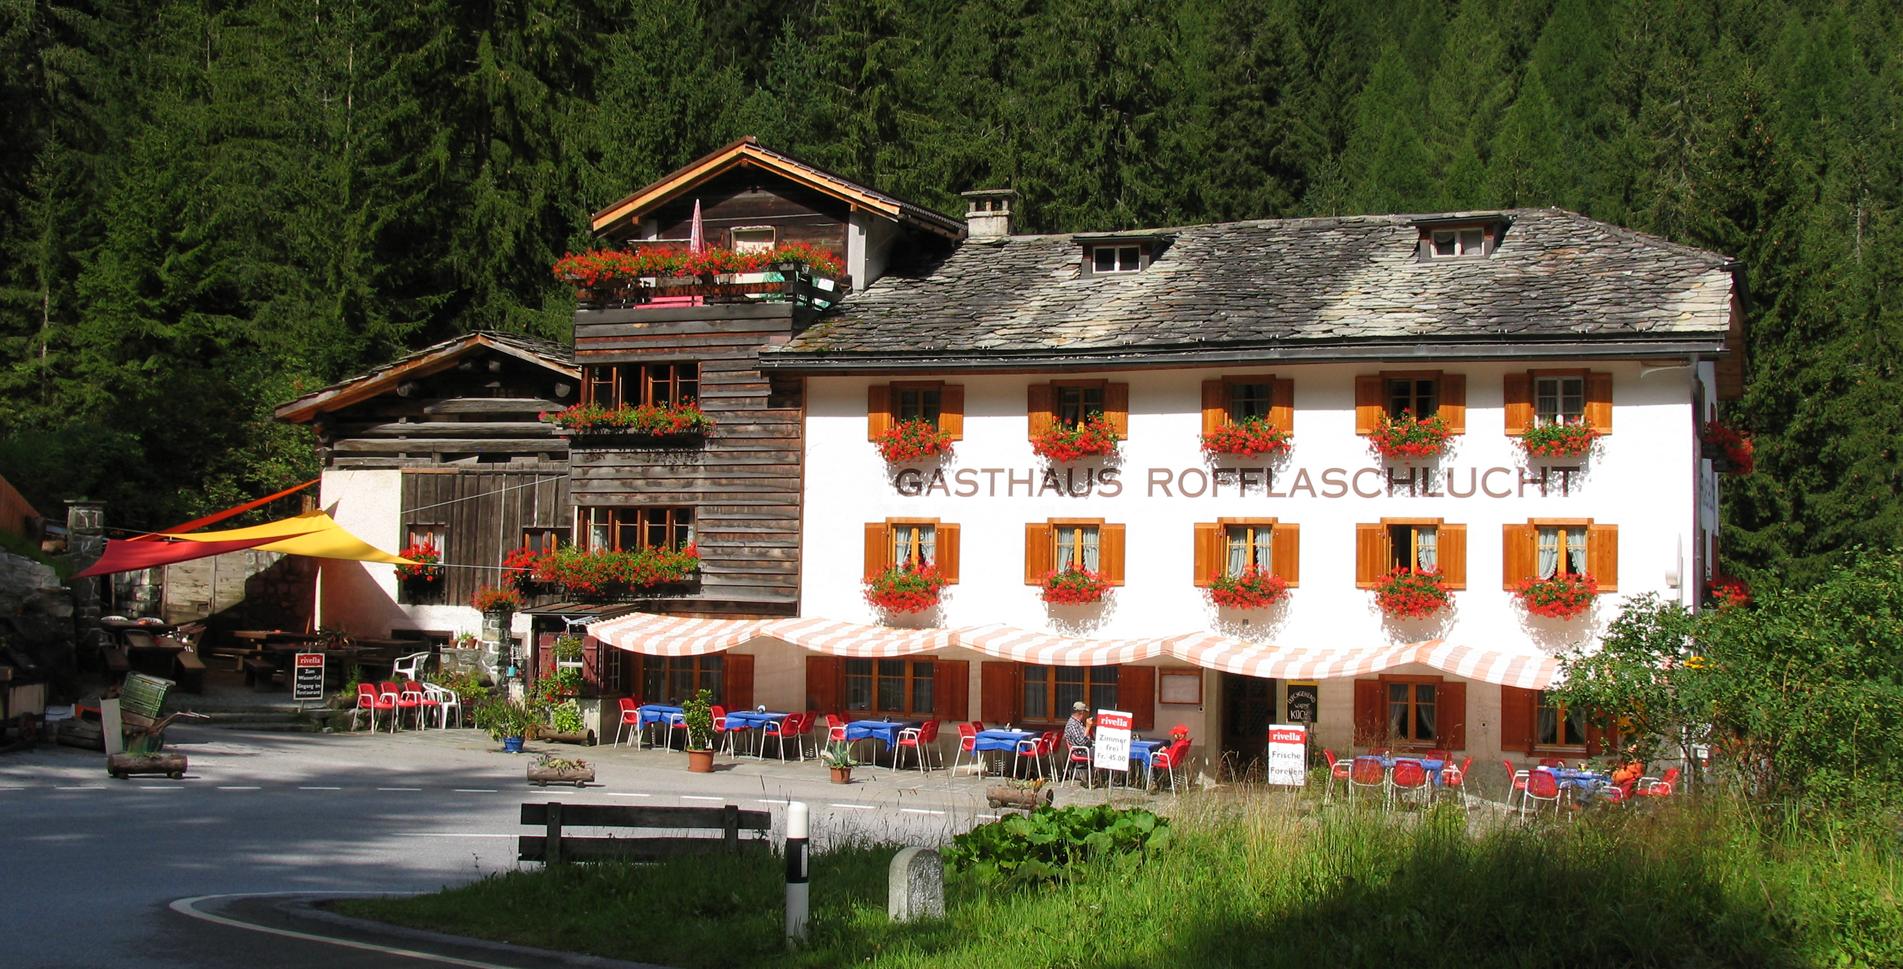 Hotel Gasthaus Rofflaschlucht, Andeer